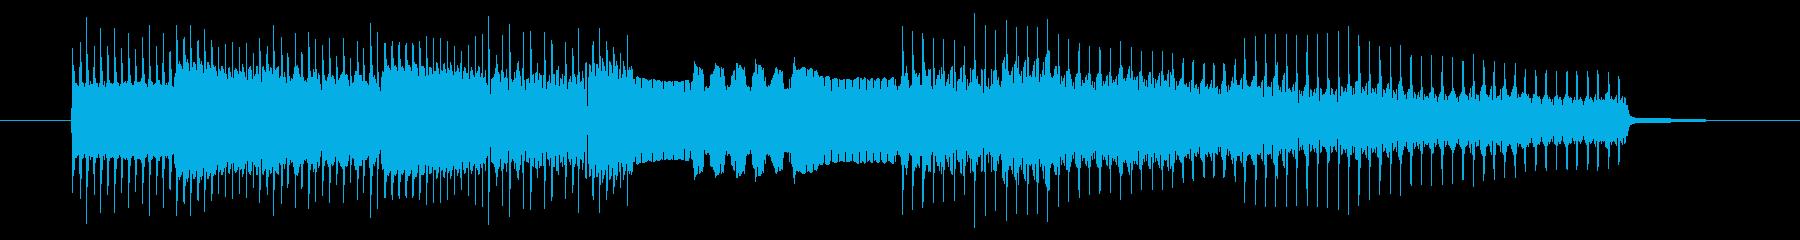 GB系風和風ゲームのジングルの再生済みの波形